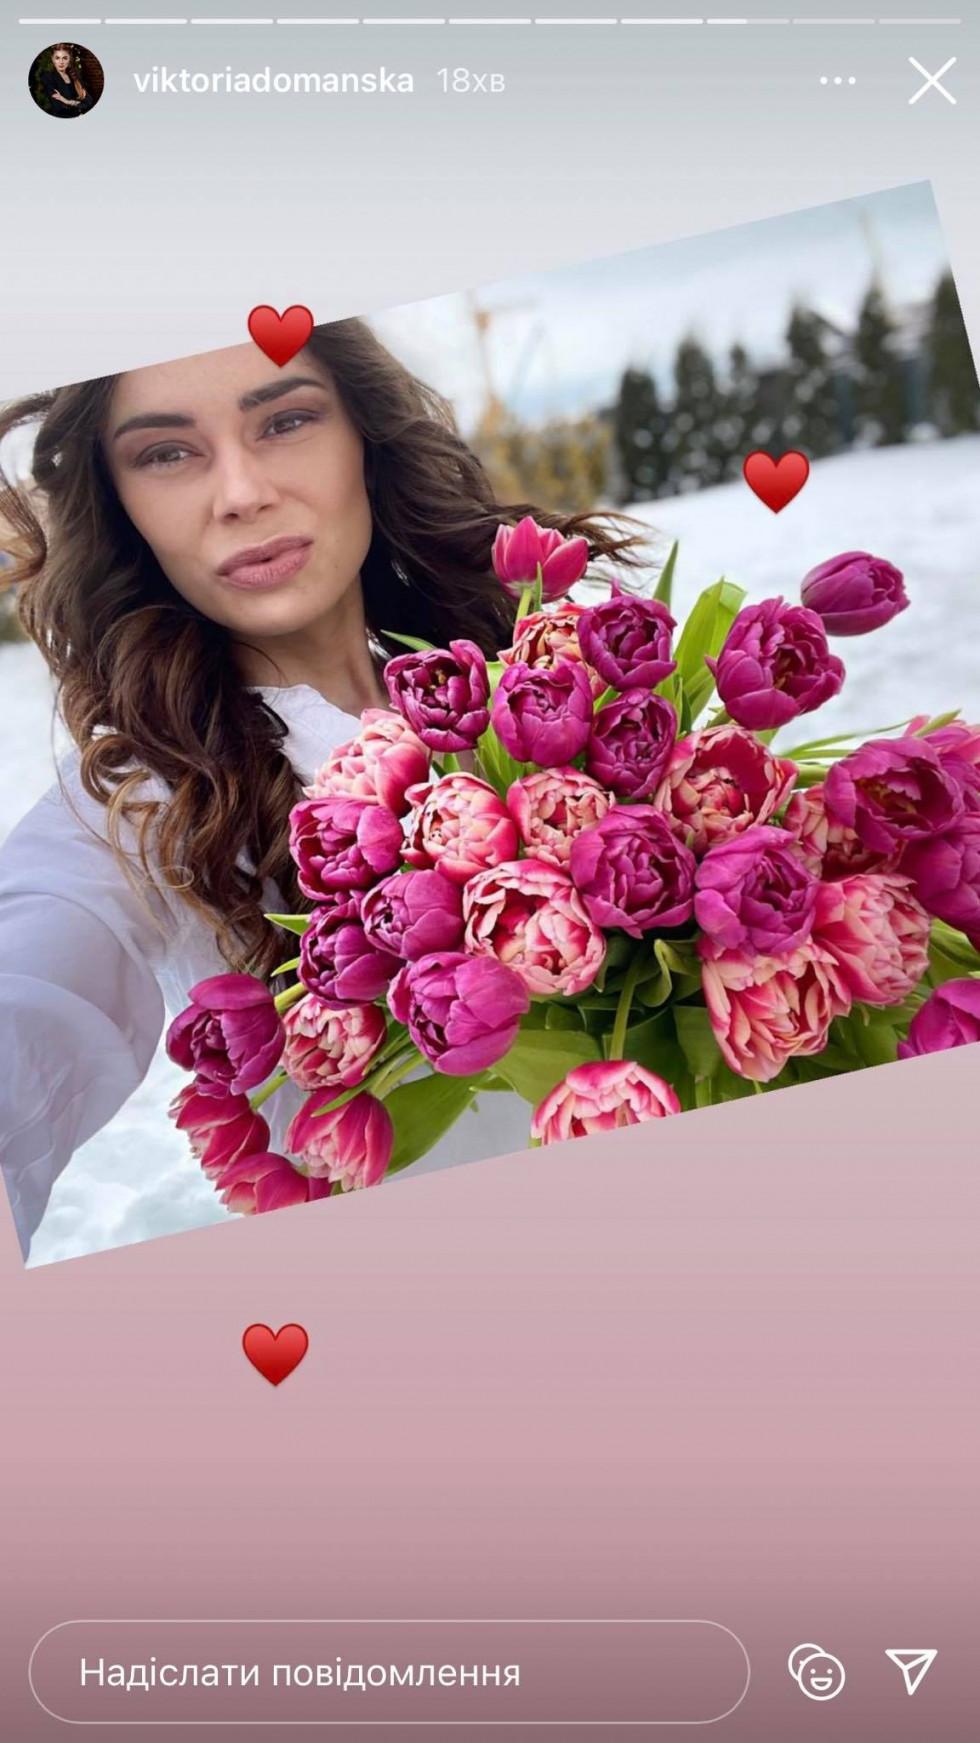 Вікторія Доманська